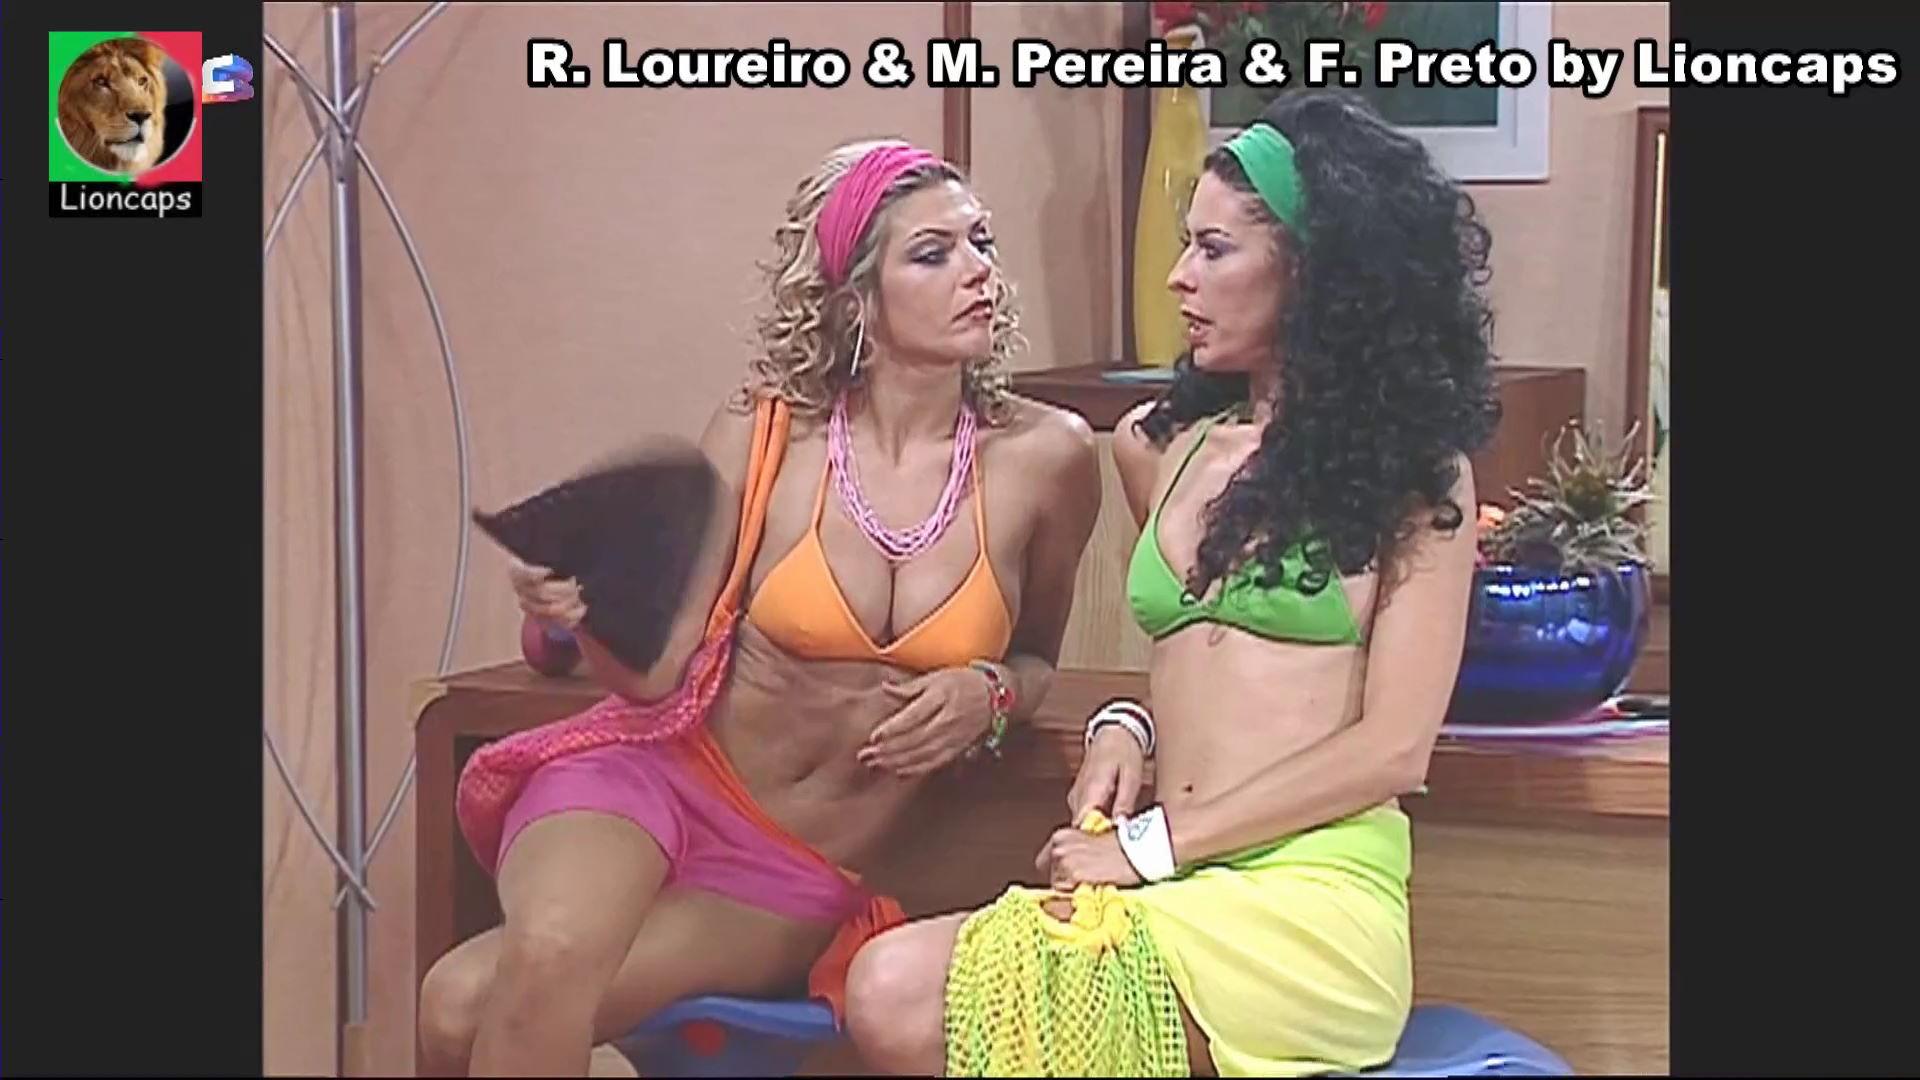 508038337_marta_pereira_vs190614_00949_122_377lo.JPG